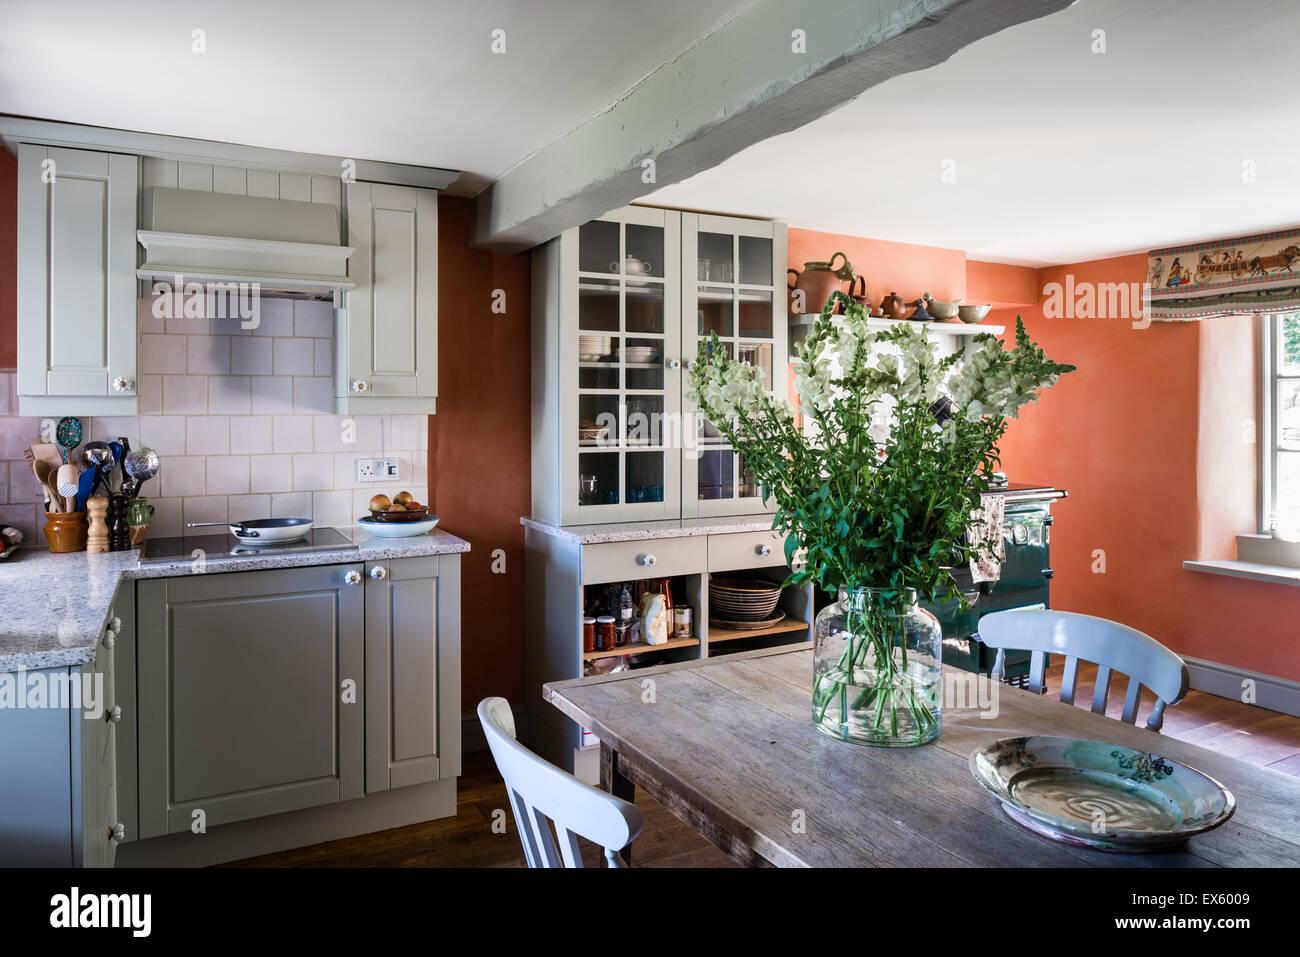 Cucina di paese con soffitto con travi a vista azienda francese